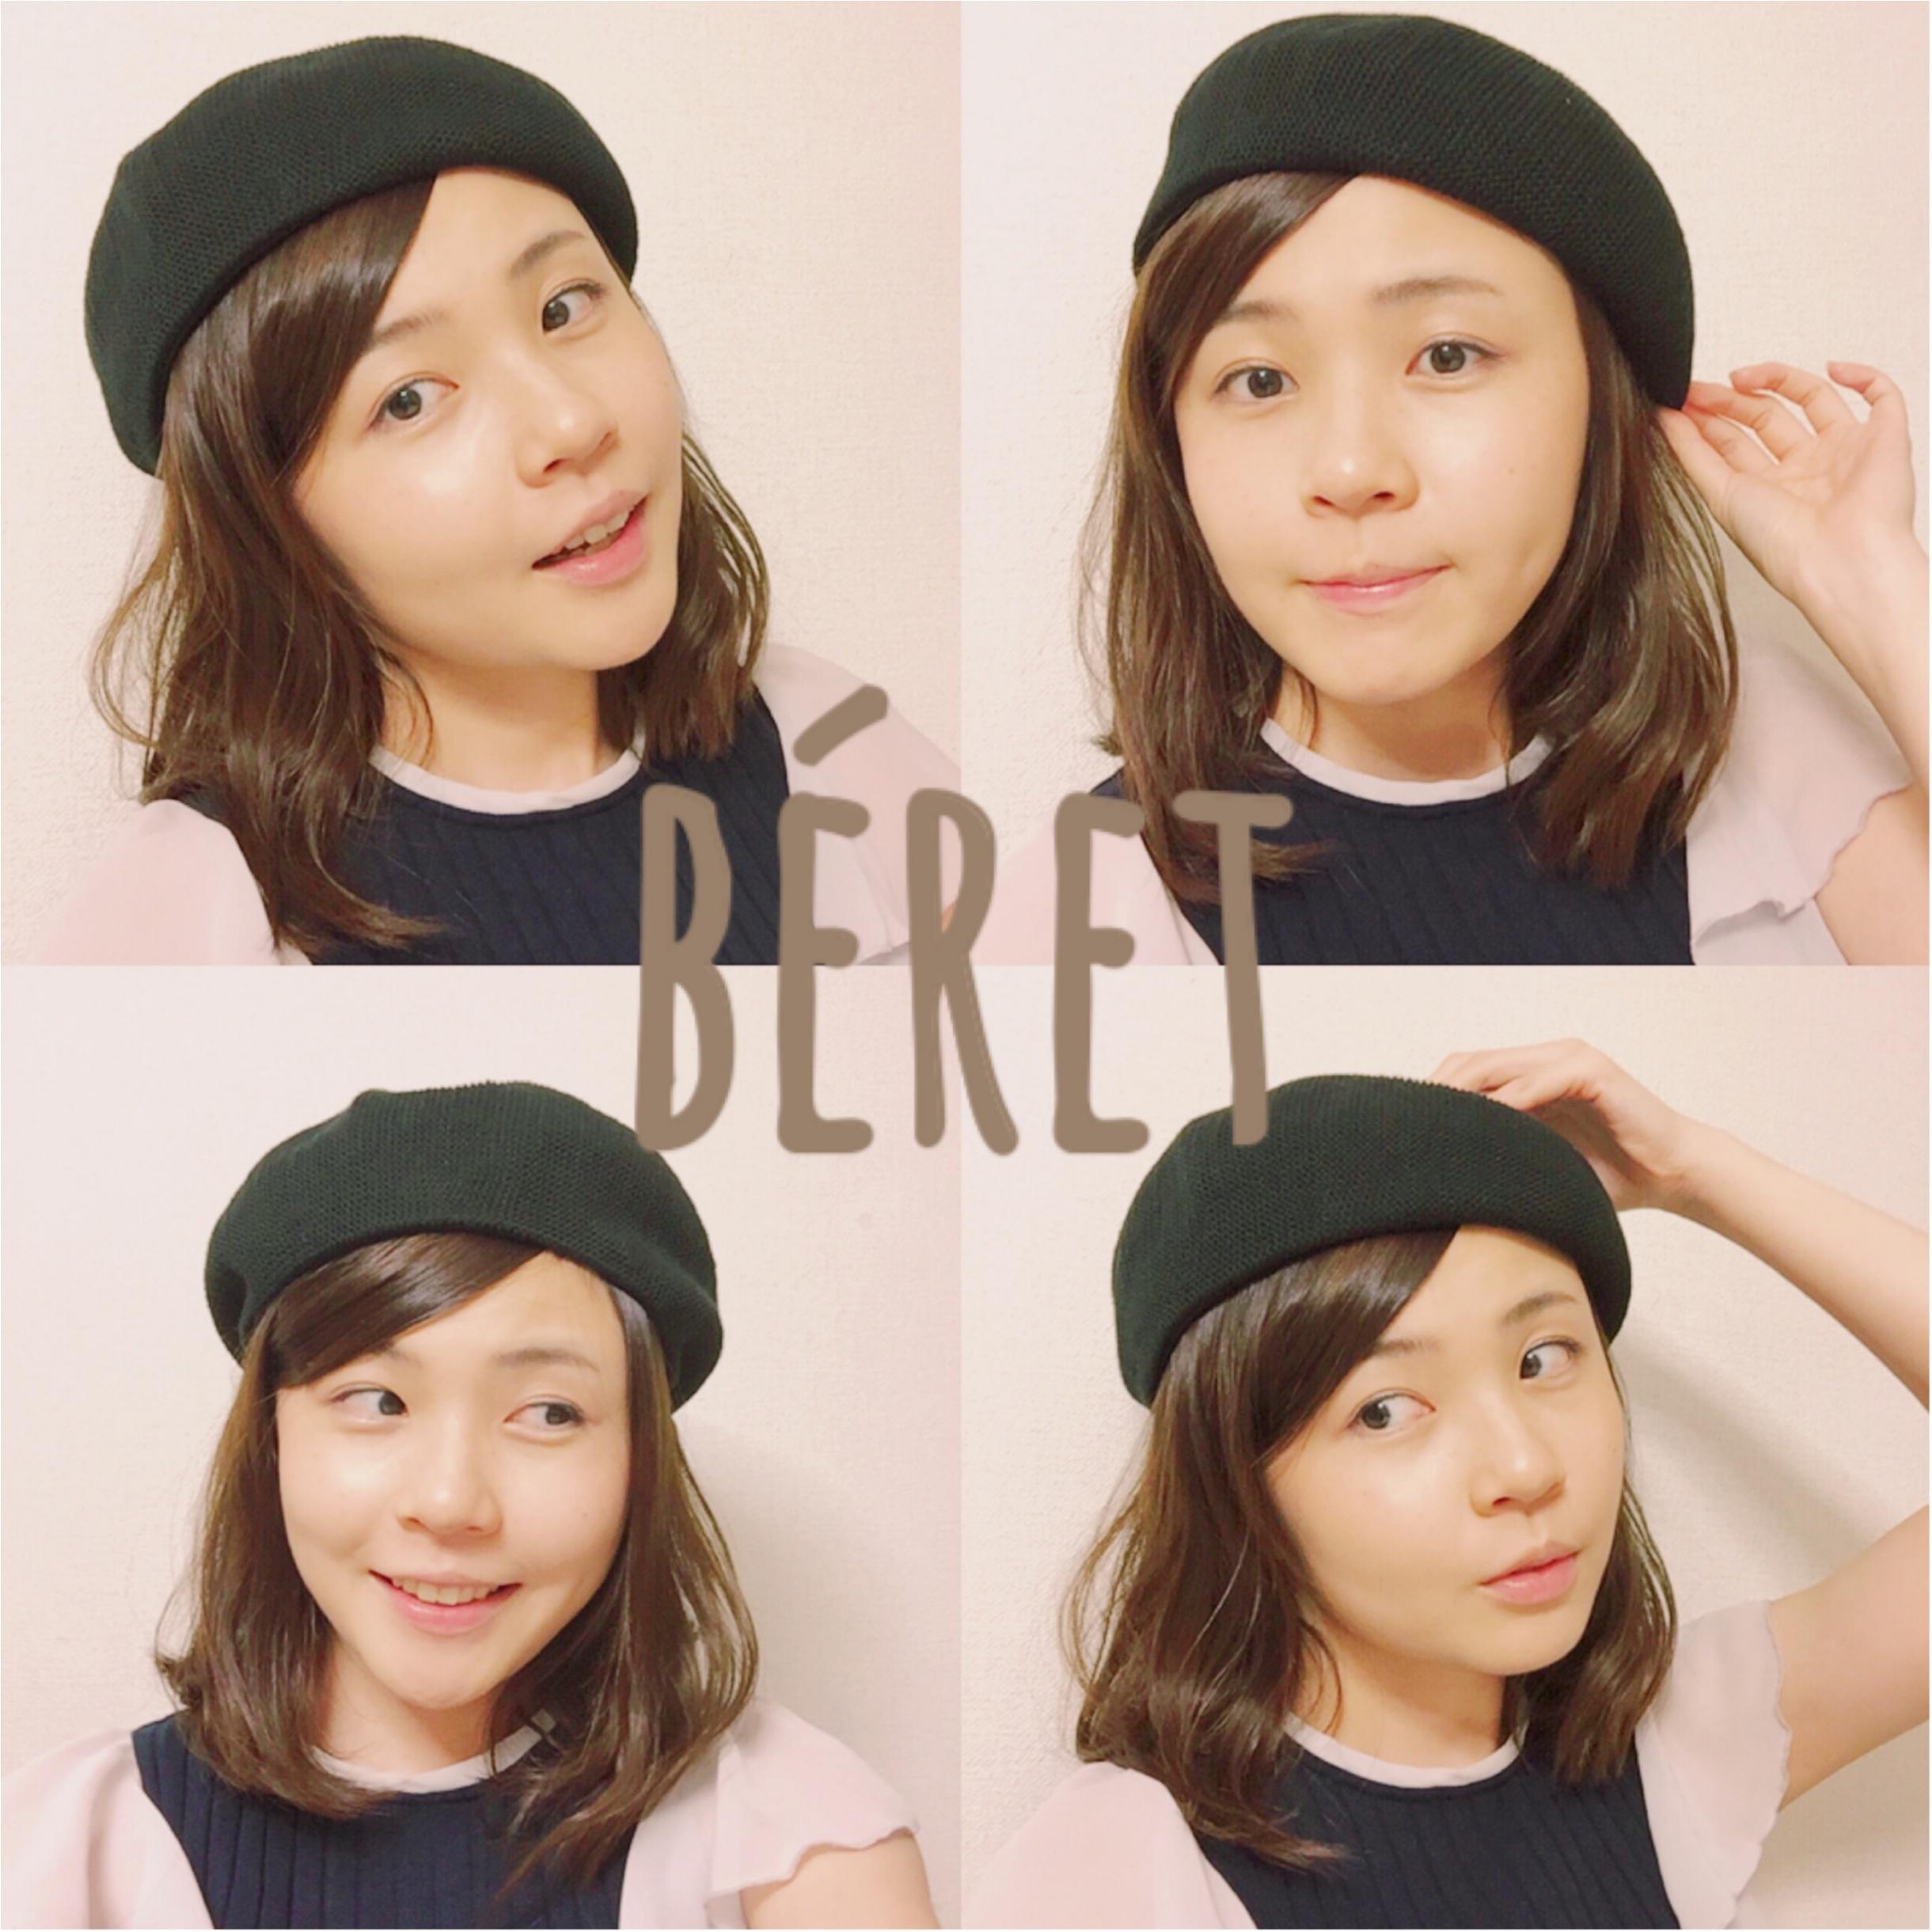 夏だってベレー帽をかぶりたい!これひとつで辛口コーデが可愛くなる♡_7